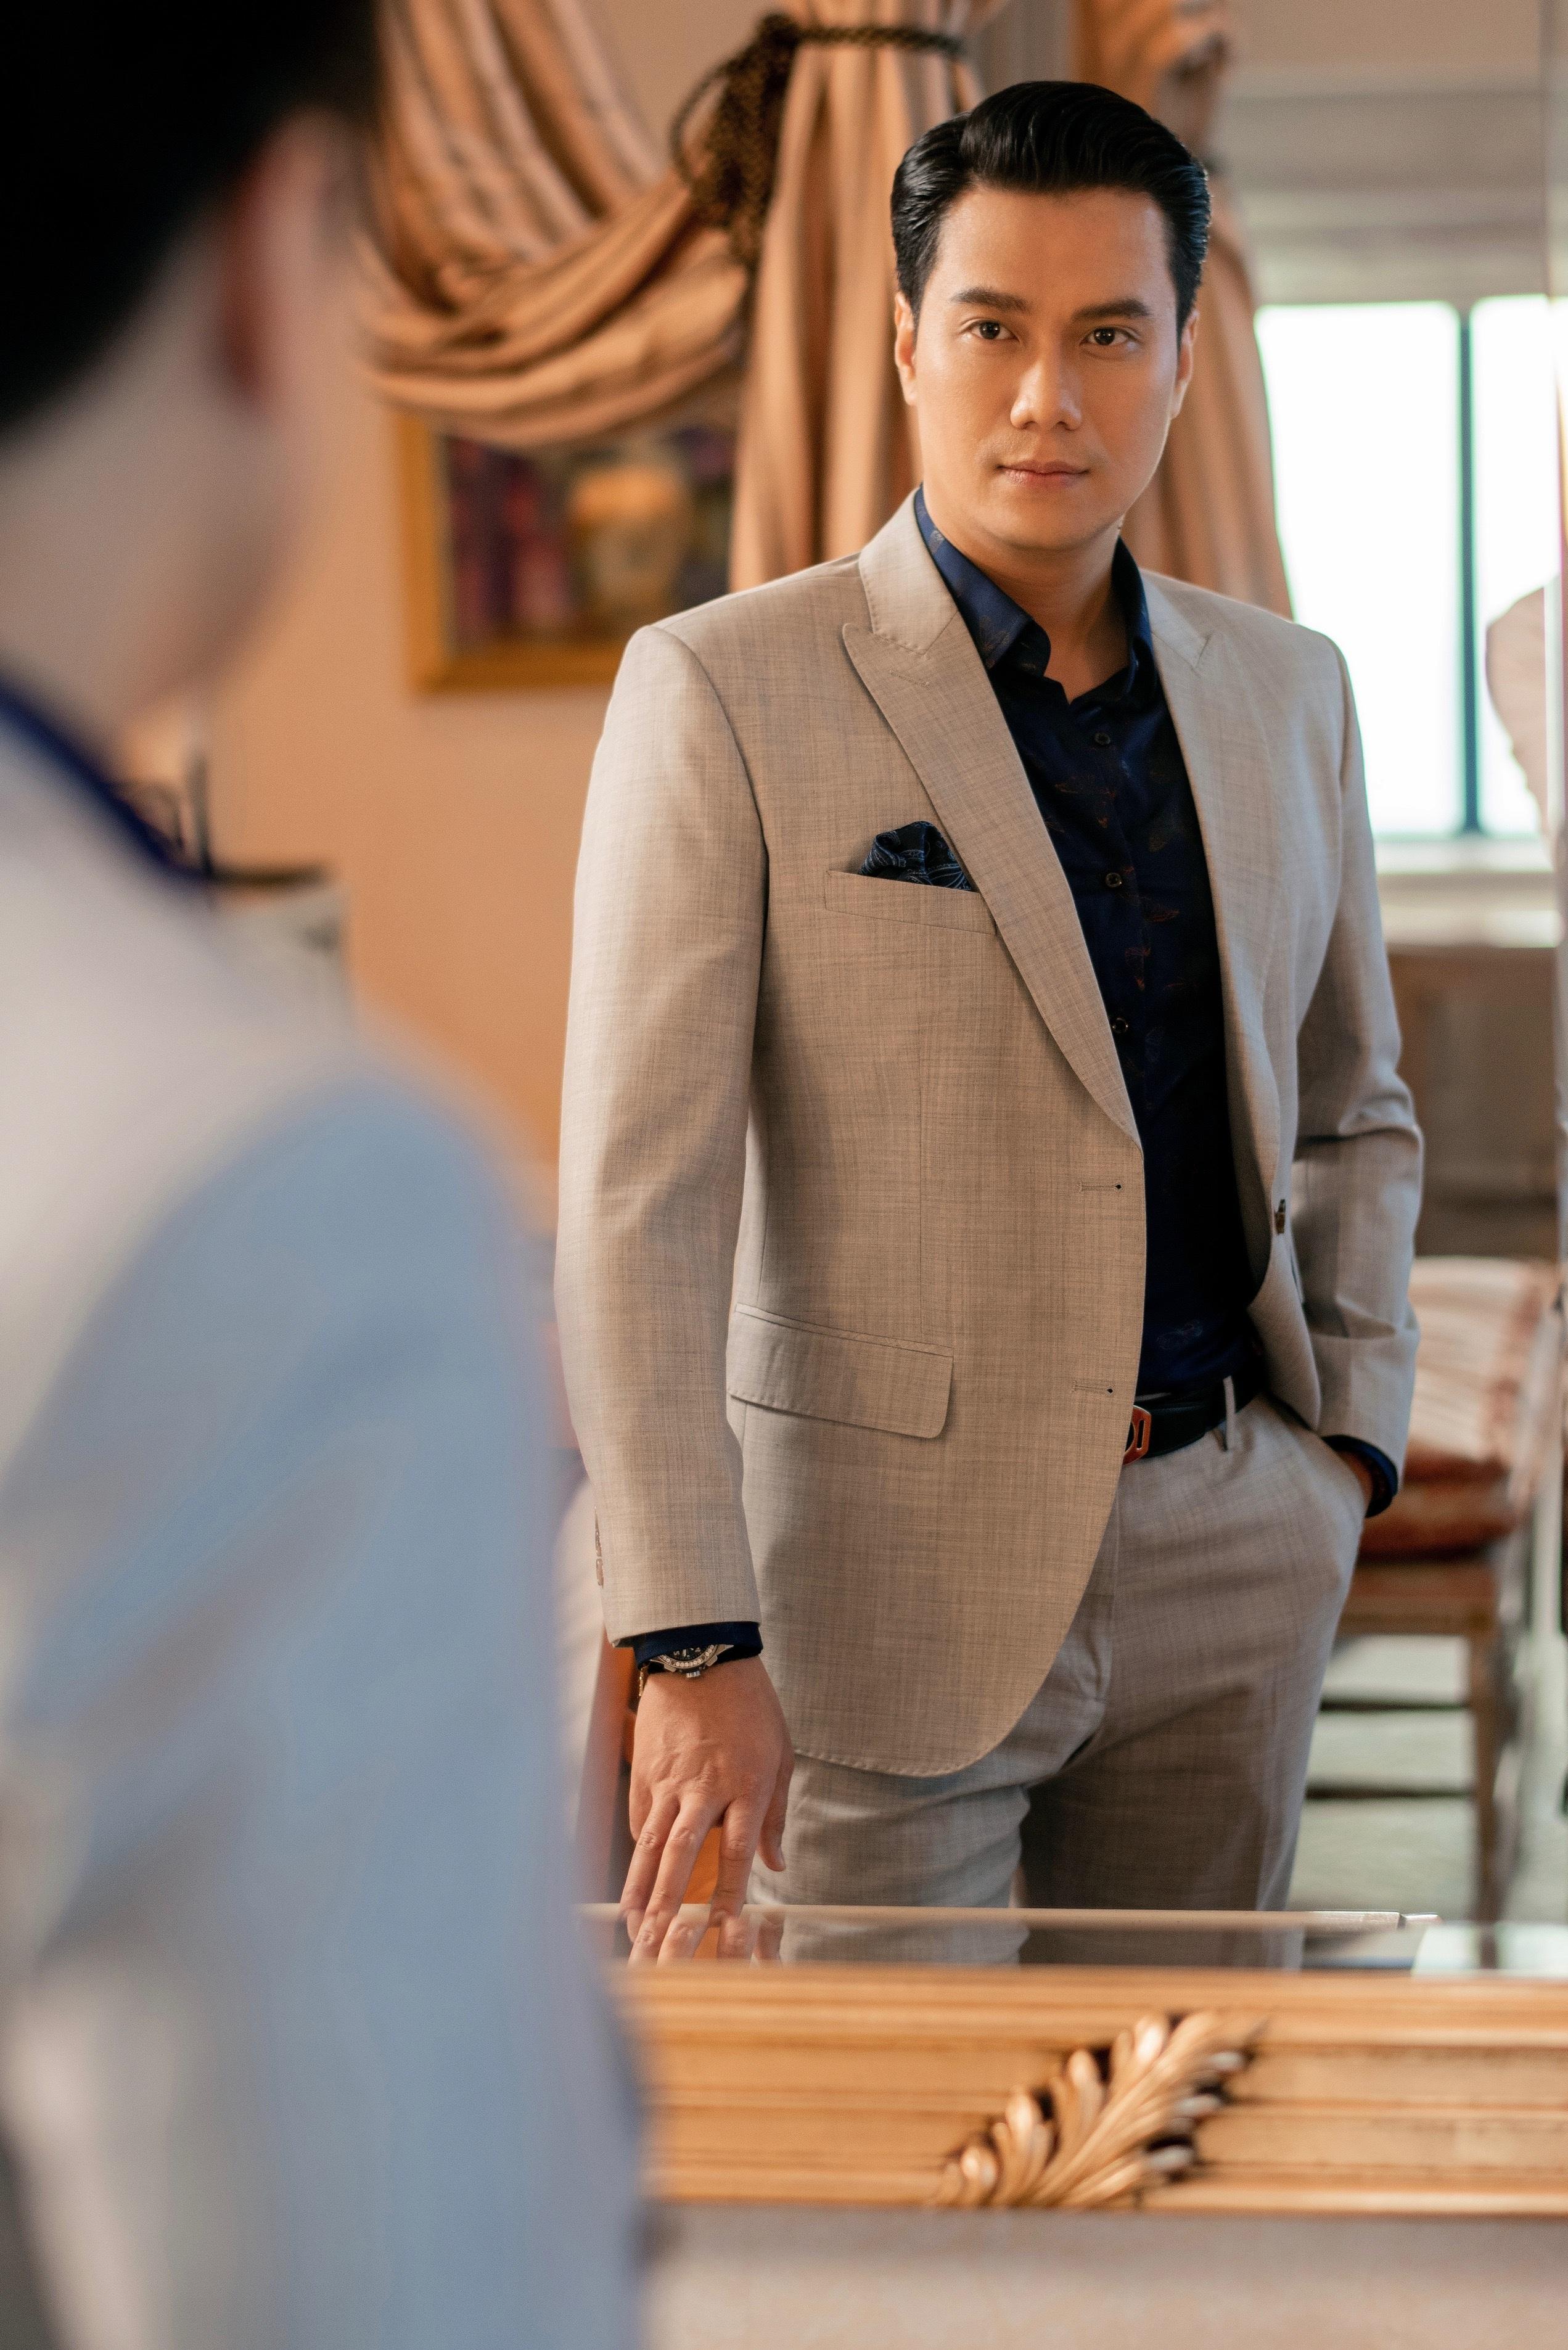 Diễn viên Việt Anh và vợ cũ chính thức phủ nhận ly hôn vì người thứ 3 - 9